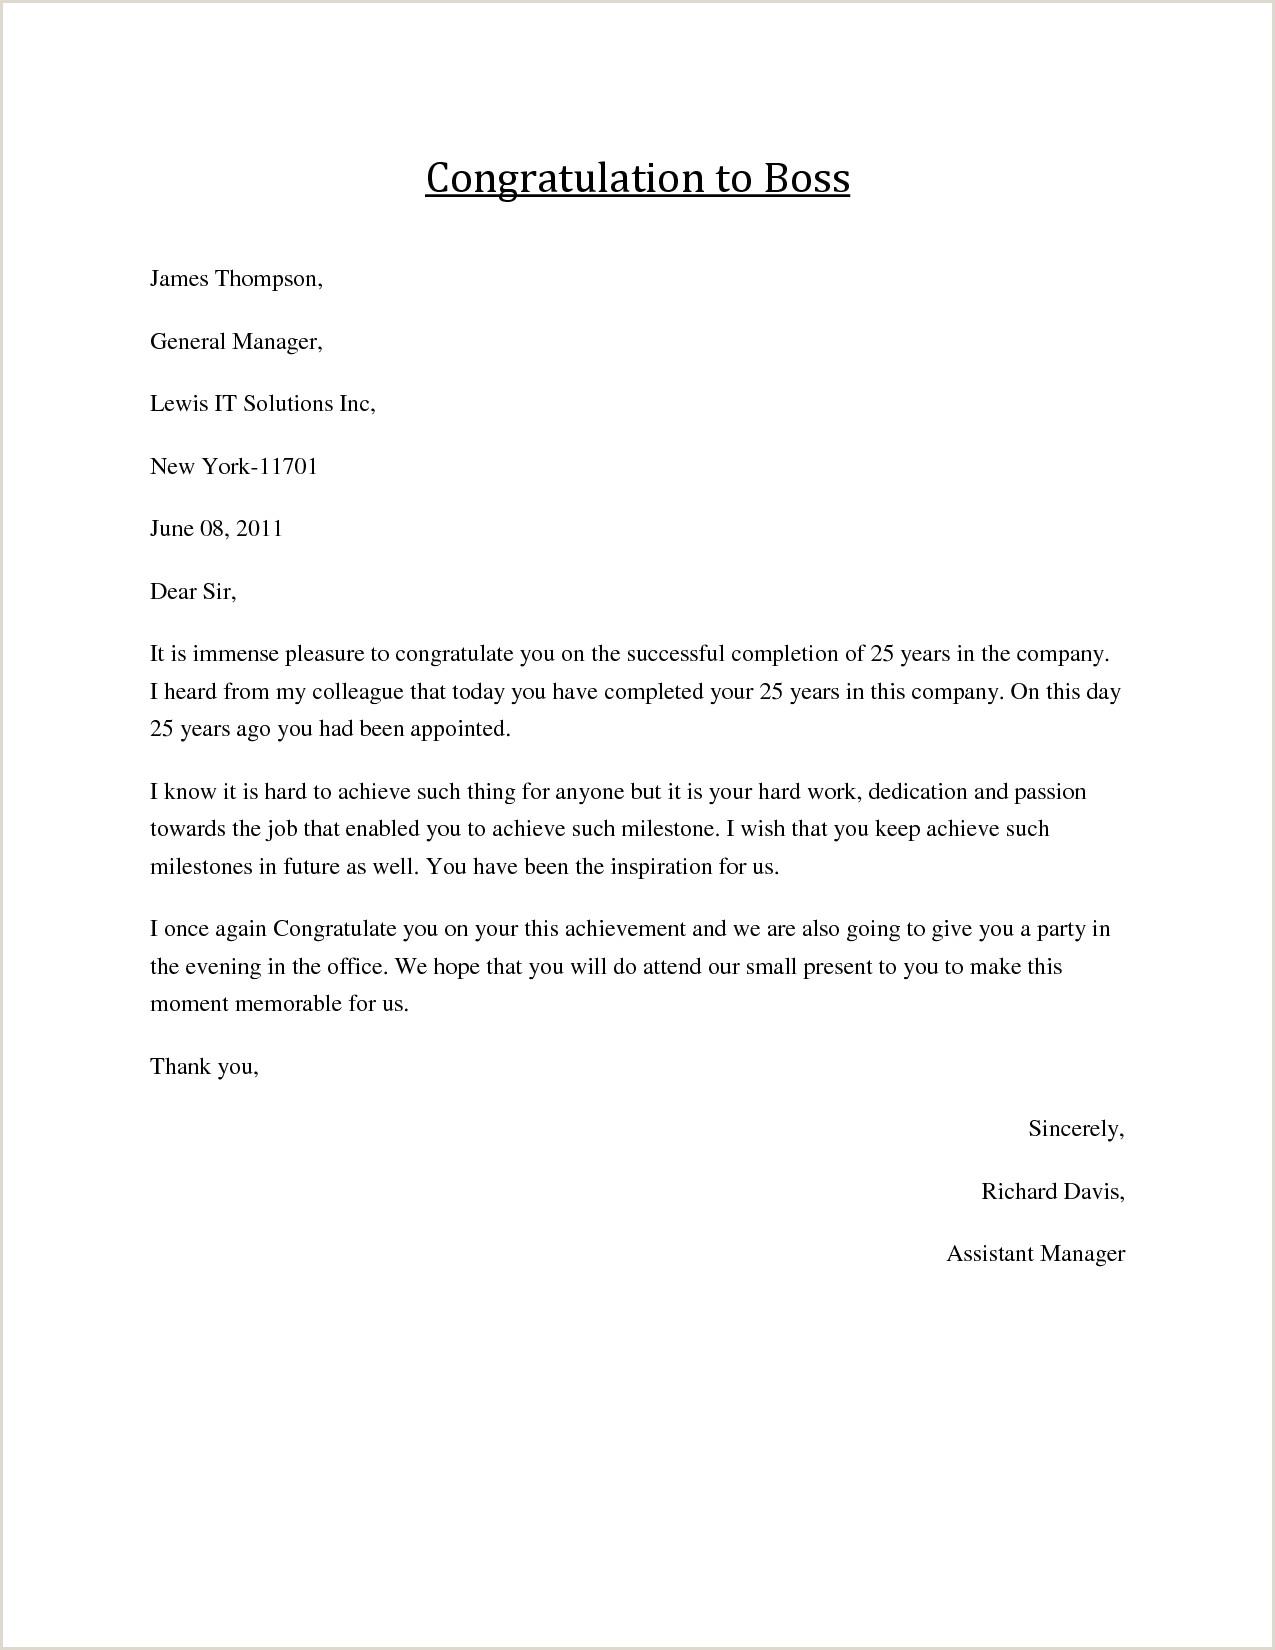 Congratulatory Letter for Award Congratulations Letter to Boss Job Congratulations formal